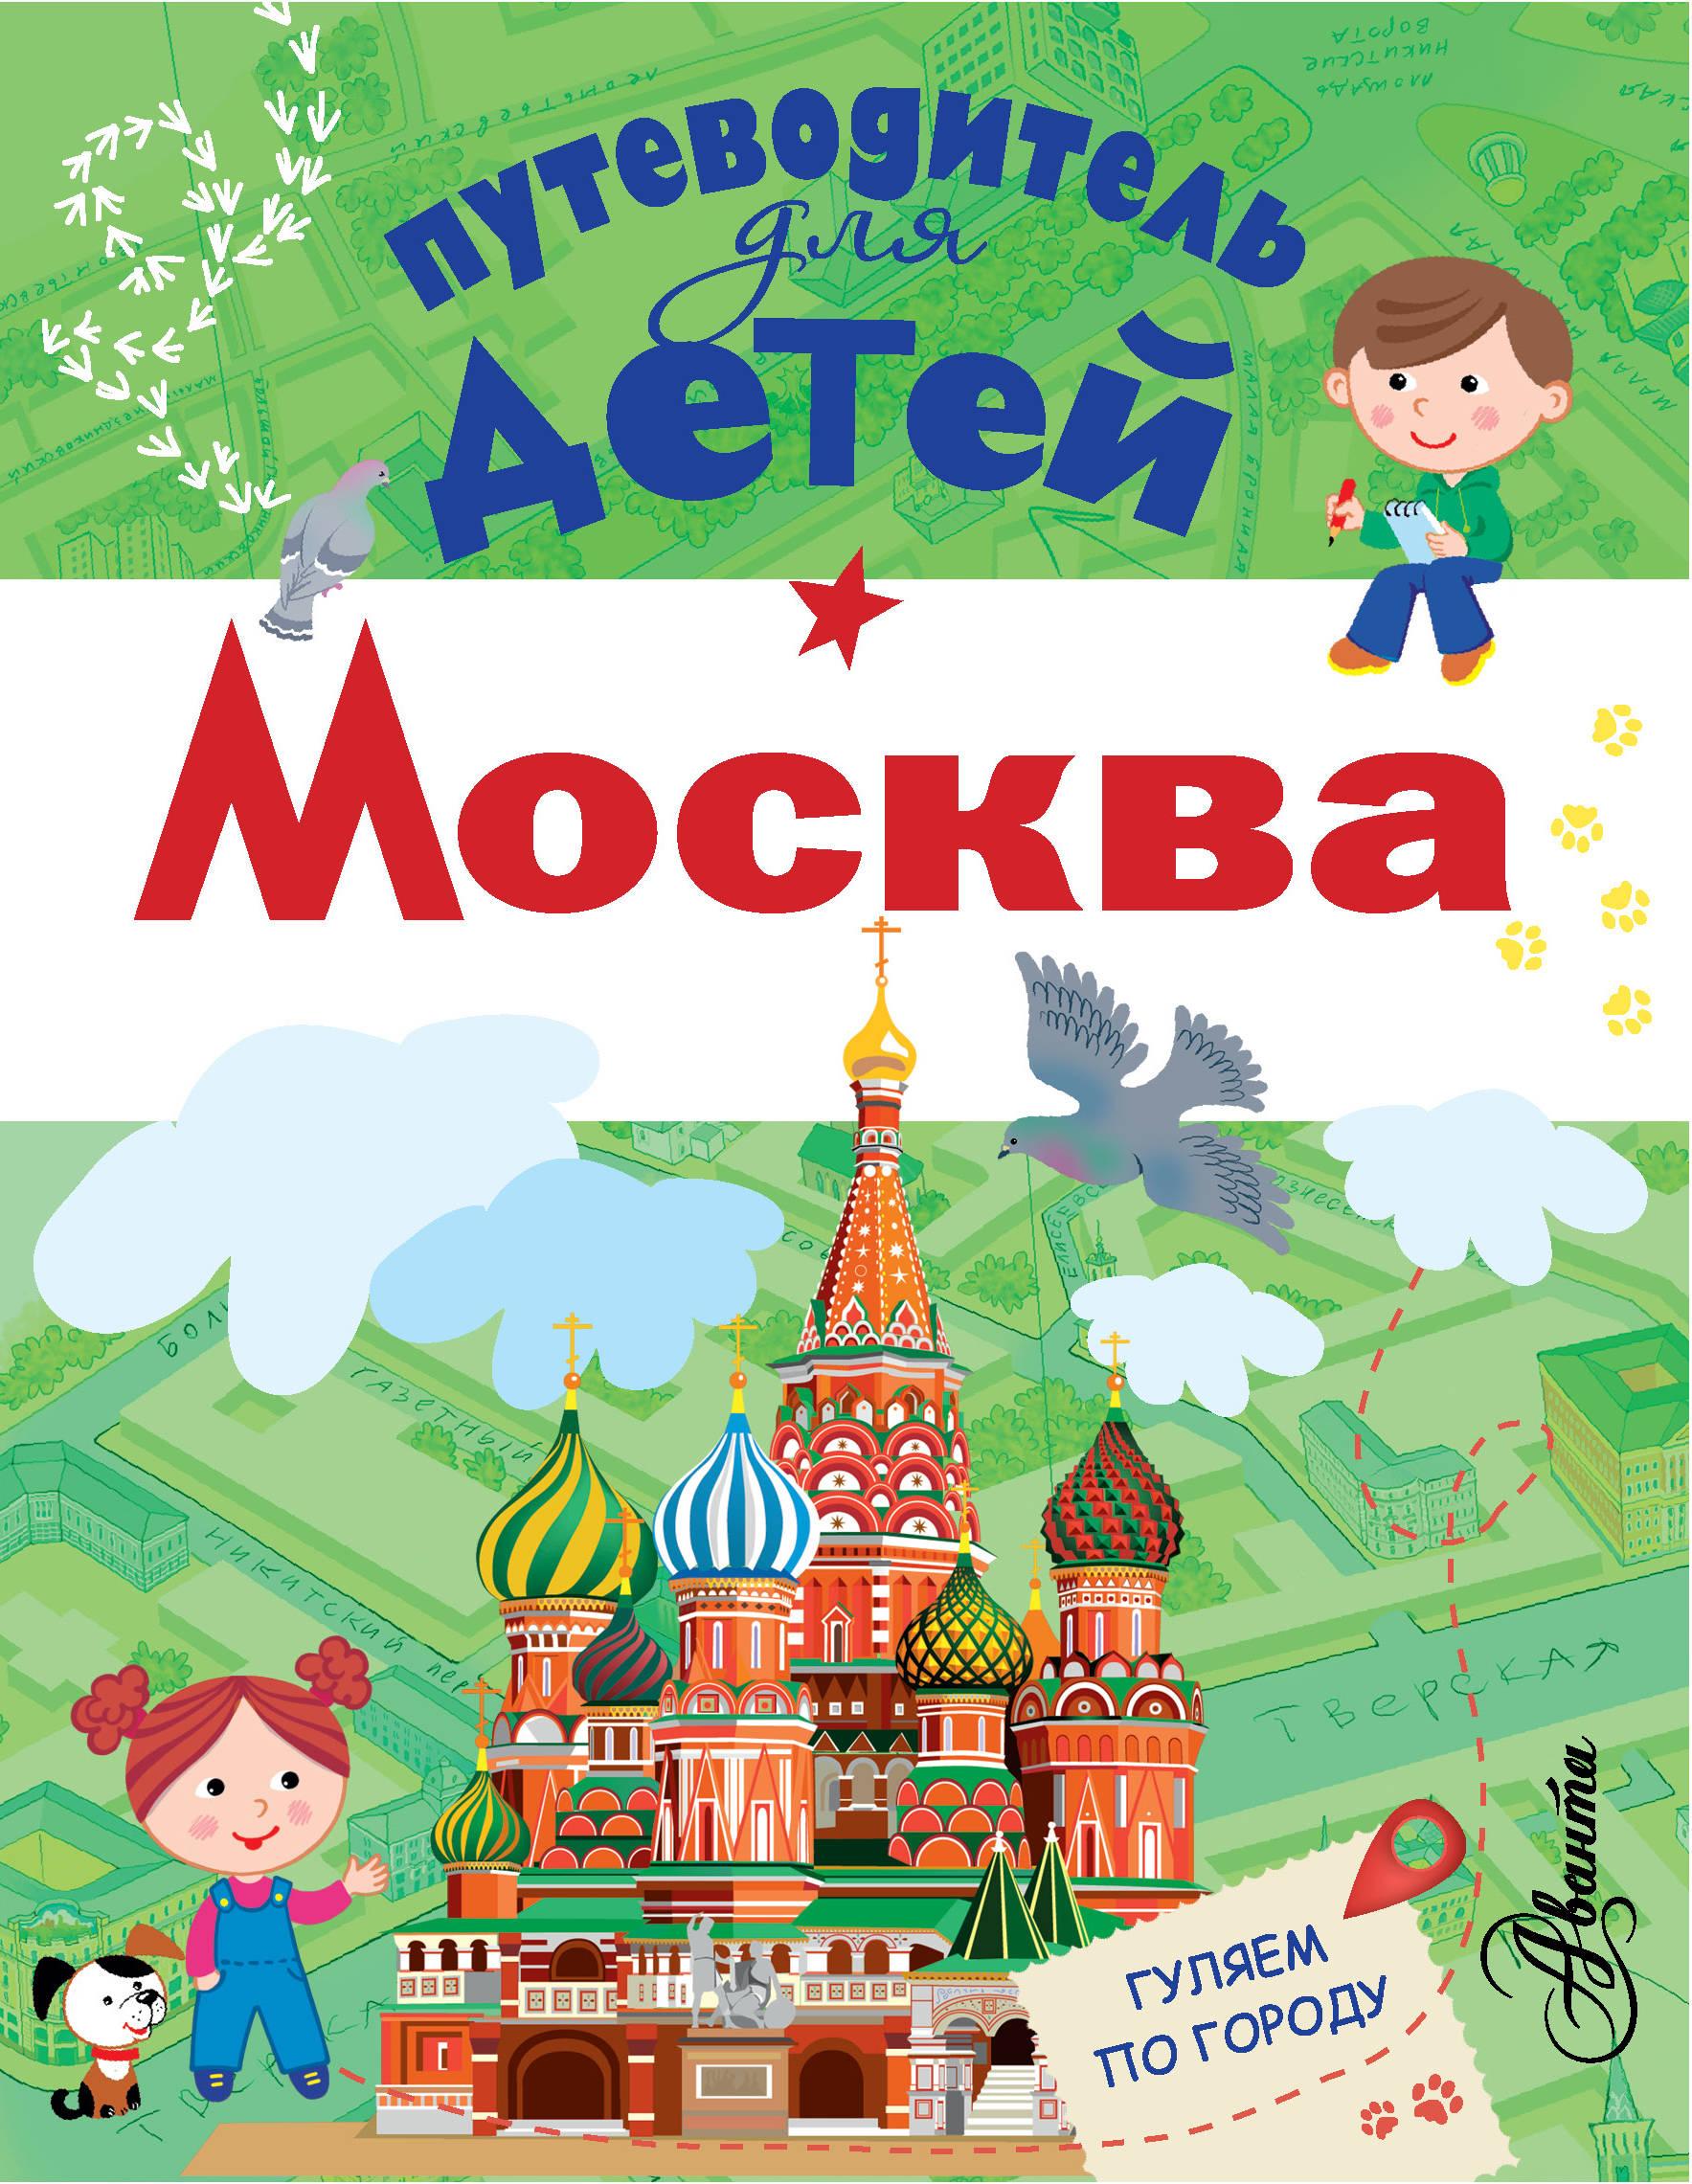 Путеводитель для детей. Москва от book24.ru